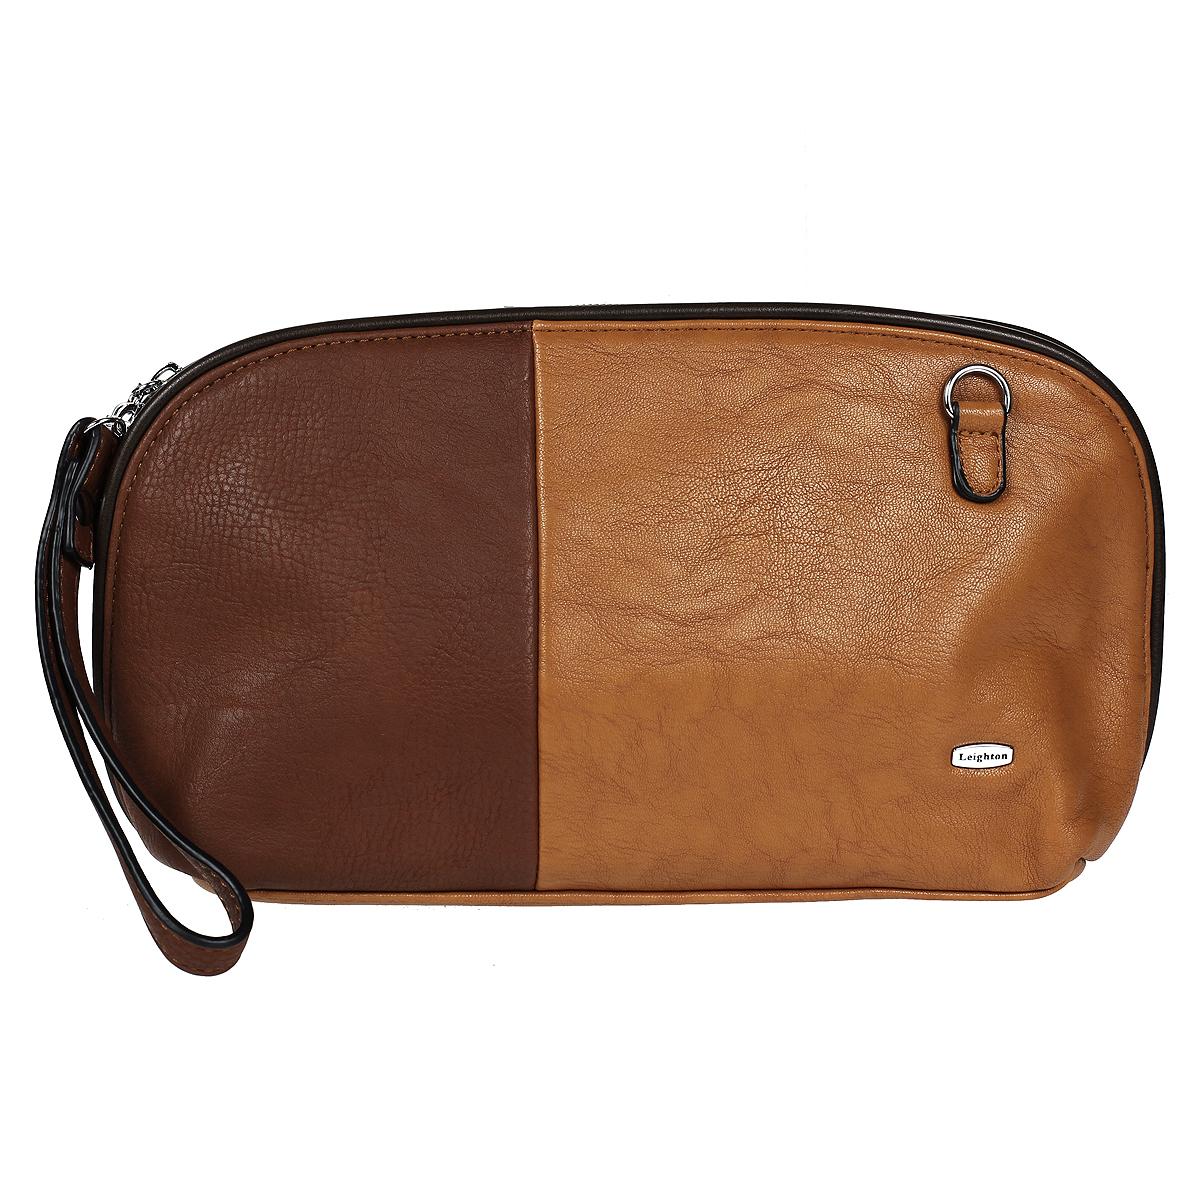 Сумка-клатч женская Leighton, цвет: коричневый, рыжий. 510336-1588510336-1588/13/1598/10/15Изысканная женская сумка-клатч Leighton выполнена из высококачественной искусственной кожи. Модель закрывается на застежку-молнию. Внутри одно отделение. В отделении есть один накладной кармашек и один врезной карман на застежке-молнии. Задняя сторона дополнена плоским врезным карманом на застежке-молнии. В комплекте - два плечевых ремня, разной длины, не большая ручка и чехол для хранения. Яркий дизайн сумки, сочетающий классические формы с оригинальным оформлением, позволит вам подчеркнуть свою индивидуальность и сделает ваш образ изысканным и завершенным.